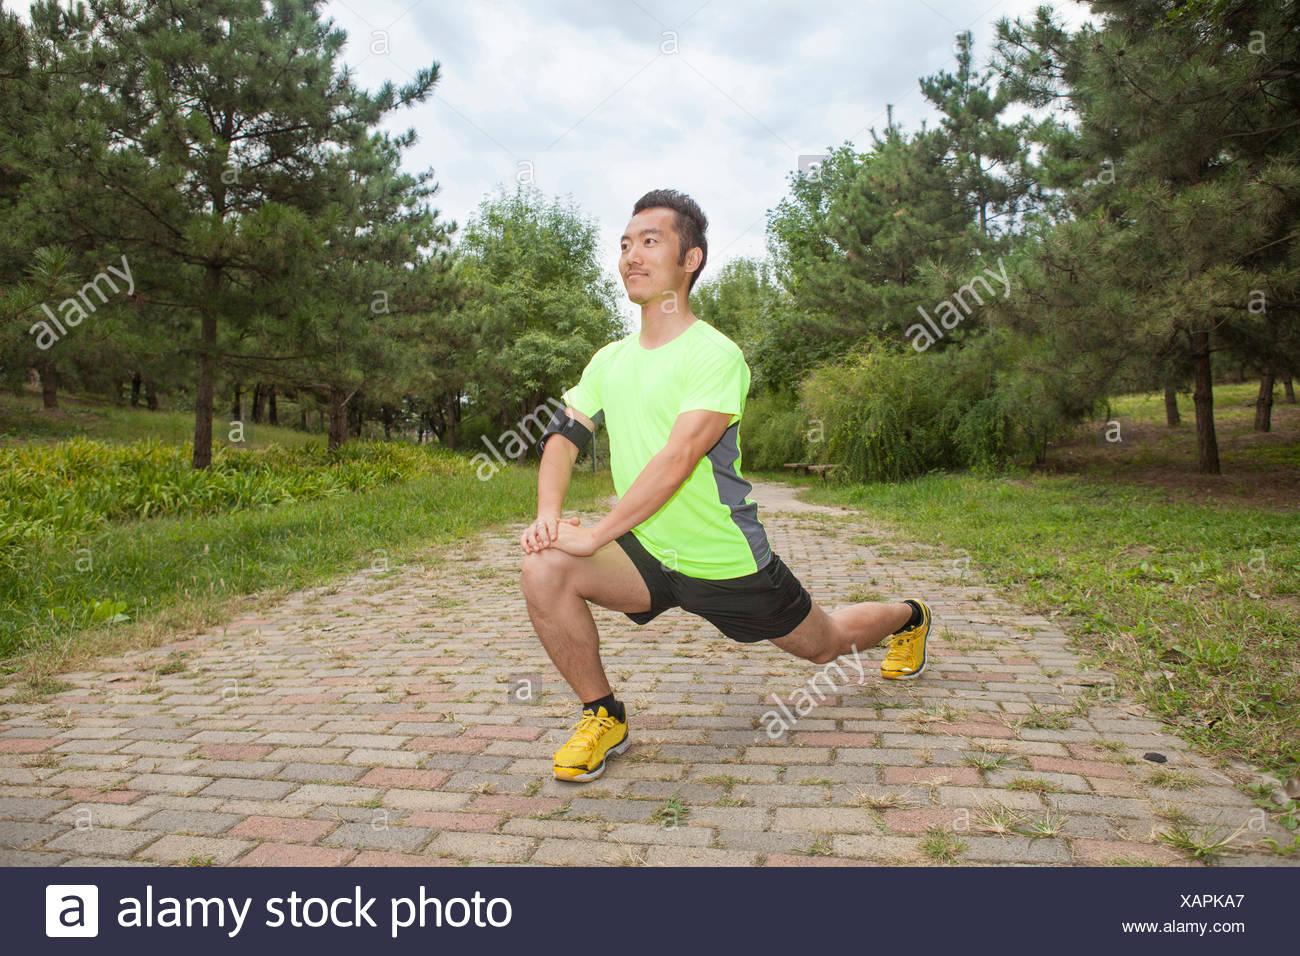 Giovane maschio runner stretching gambe in posizione di parcheggio Immagini Stock